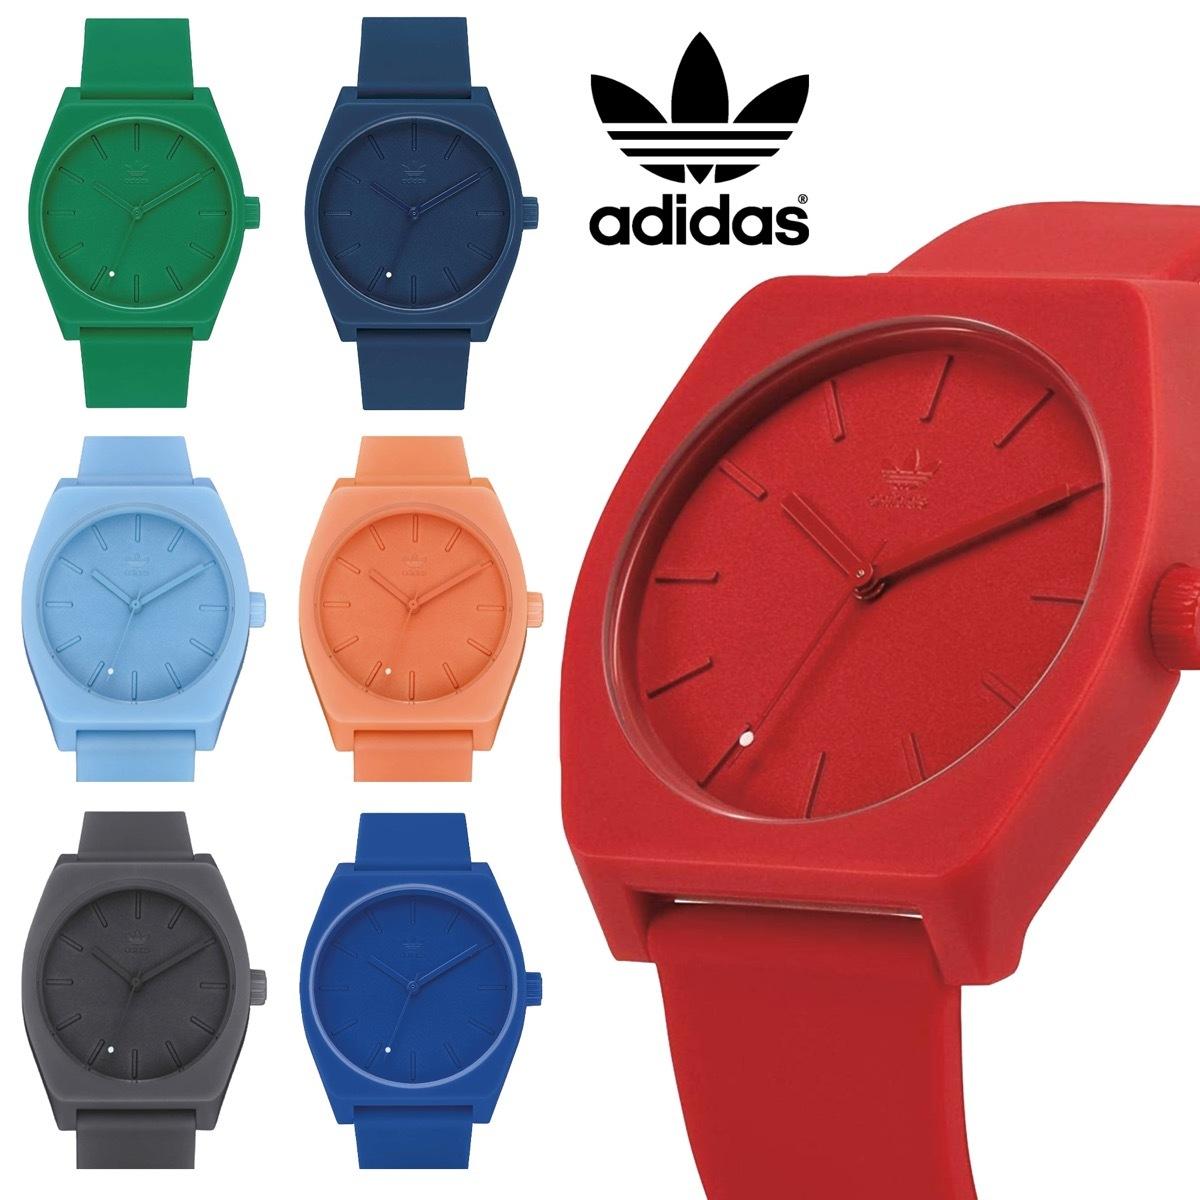 ユニセックスで使えるシンプルなデザイン ペアウォッチにもオススメ adidas Watches 防水 アナログ ウォッチ PROCESS_SP1 オンライン限定商品 Z10 シリコン 腕時計 06 ラバー プレゼント 秀逸 クォーツ ペア ペアウォッチ レディース ムーブメント メンズ アディダス 日本製